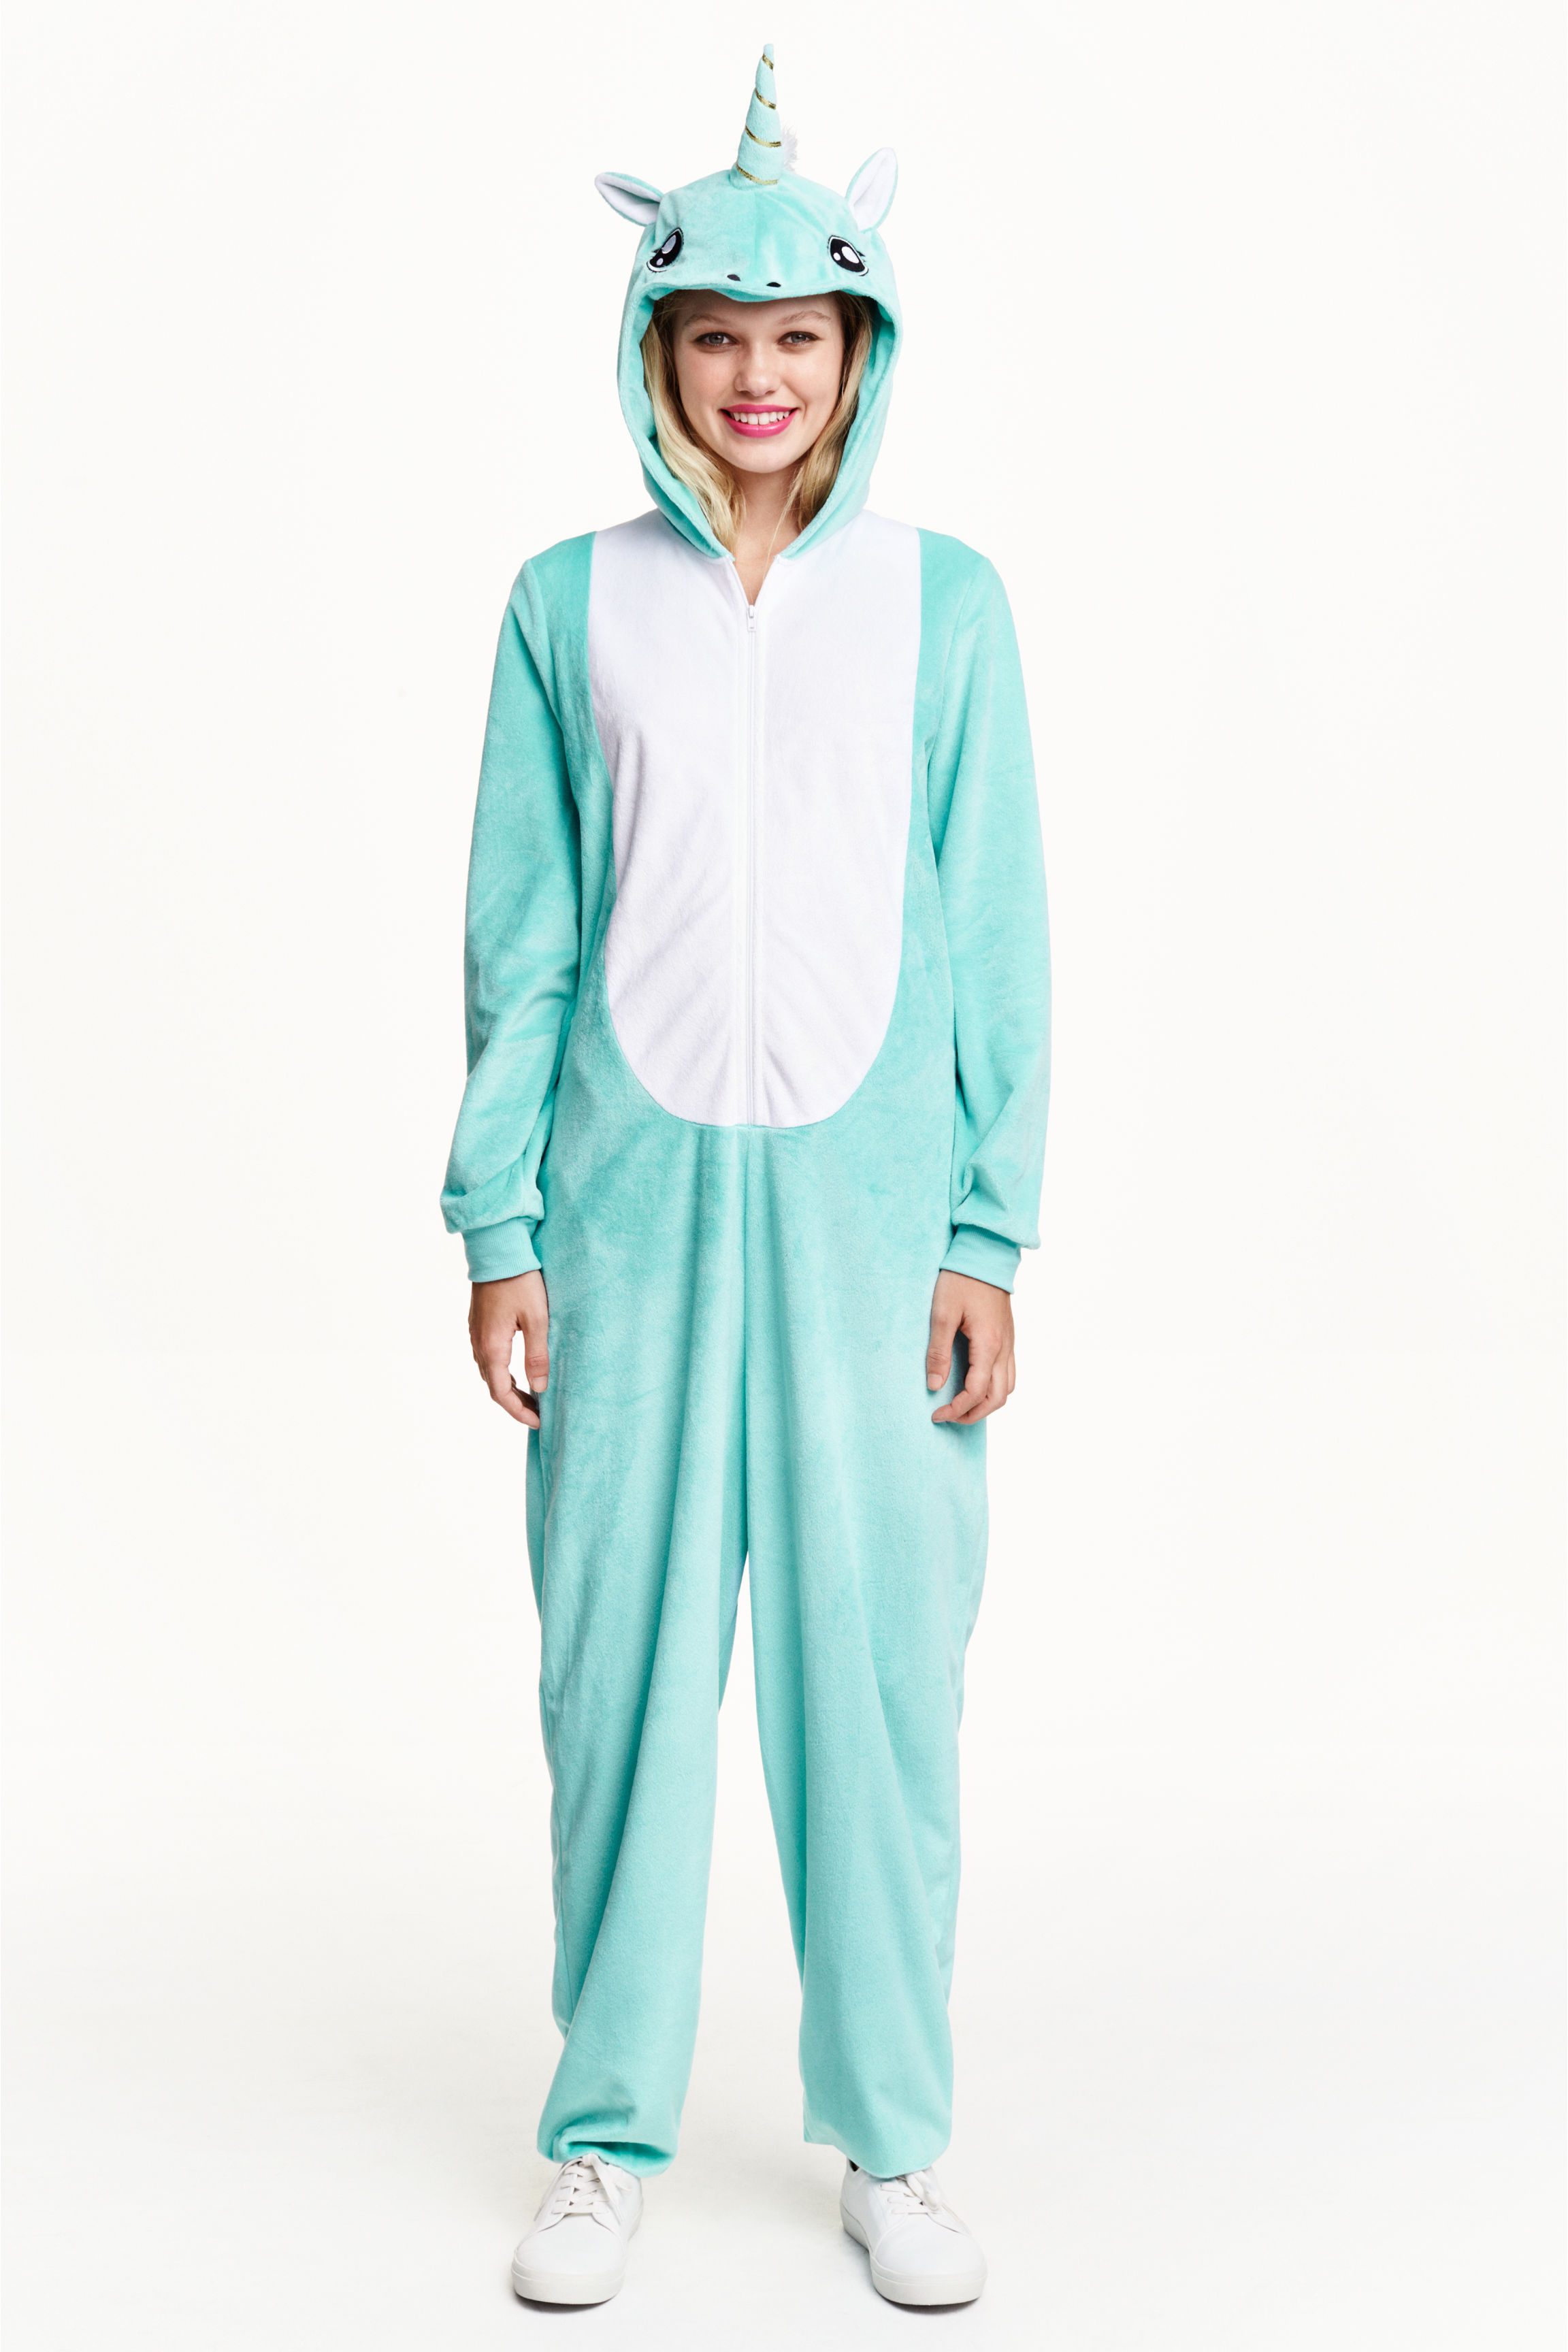 34dffbd7342440 W jakich sklepach można kupić jednoczęściowe piżamy? - Zapytaj.onet.pl -